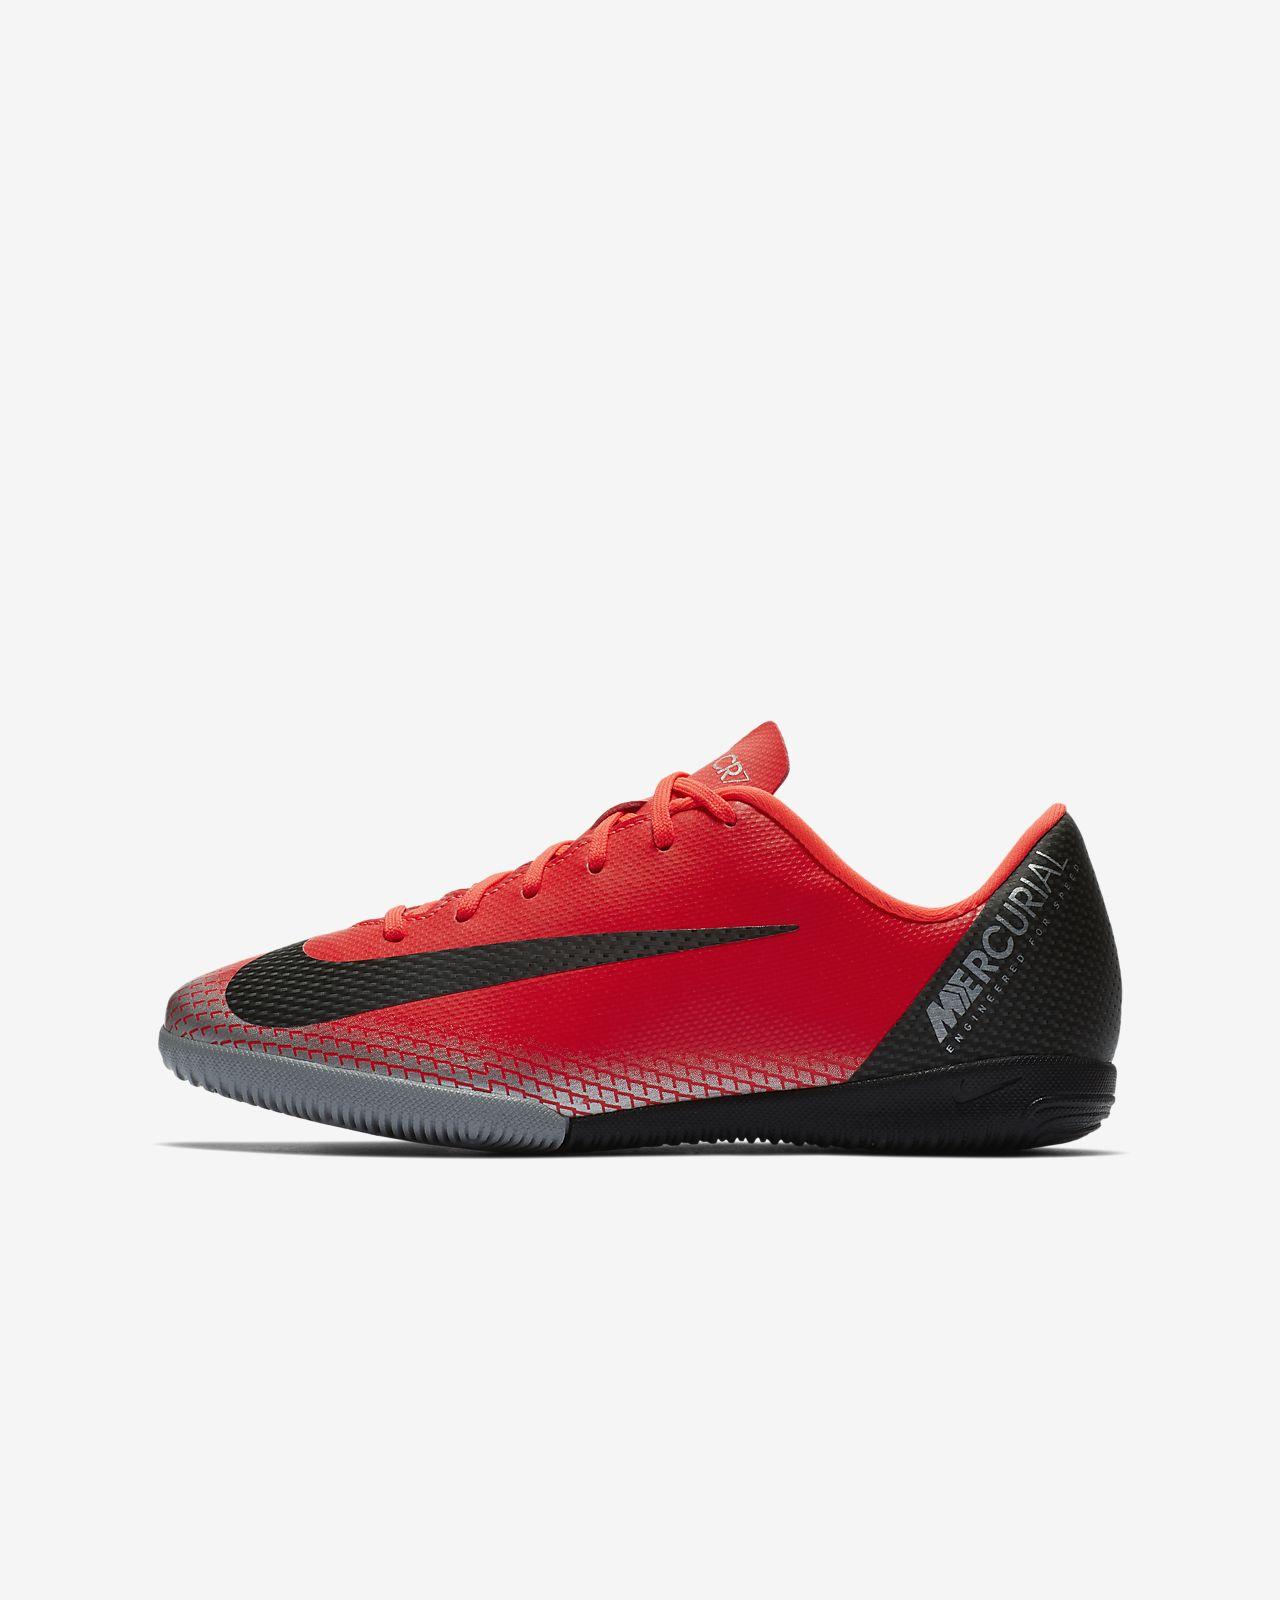 Nike Jr. MercurialX Vapor XII Academy CR7 Younger Older Kids  Indoor ... 5df1b2c3196